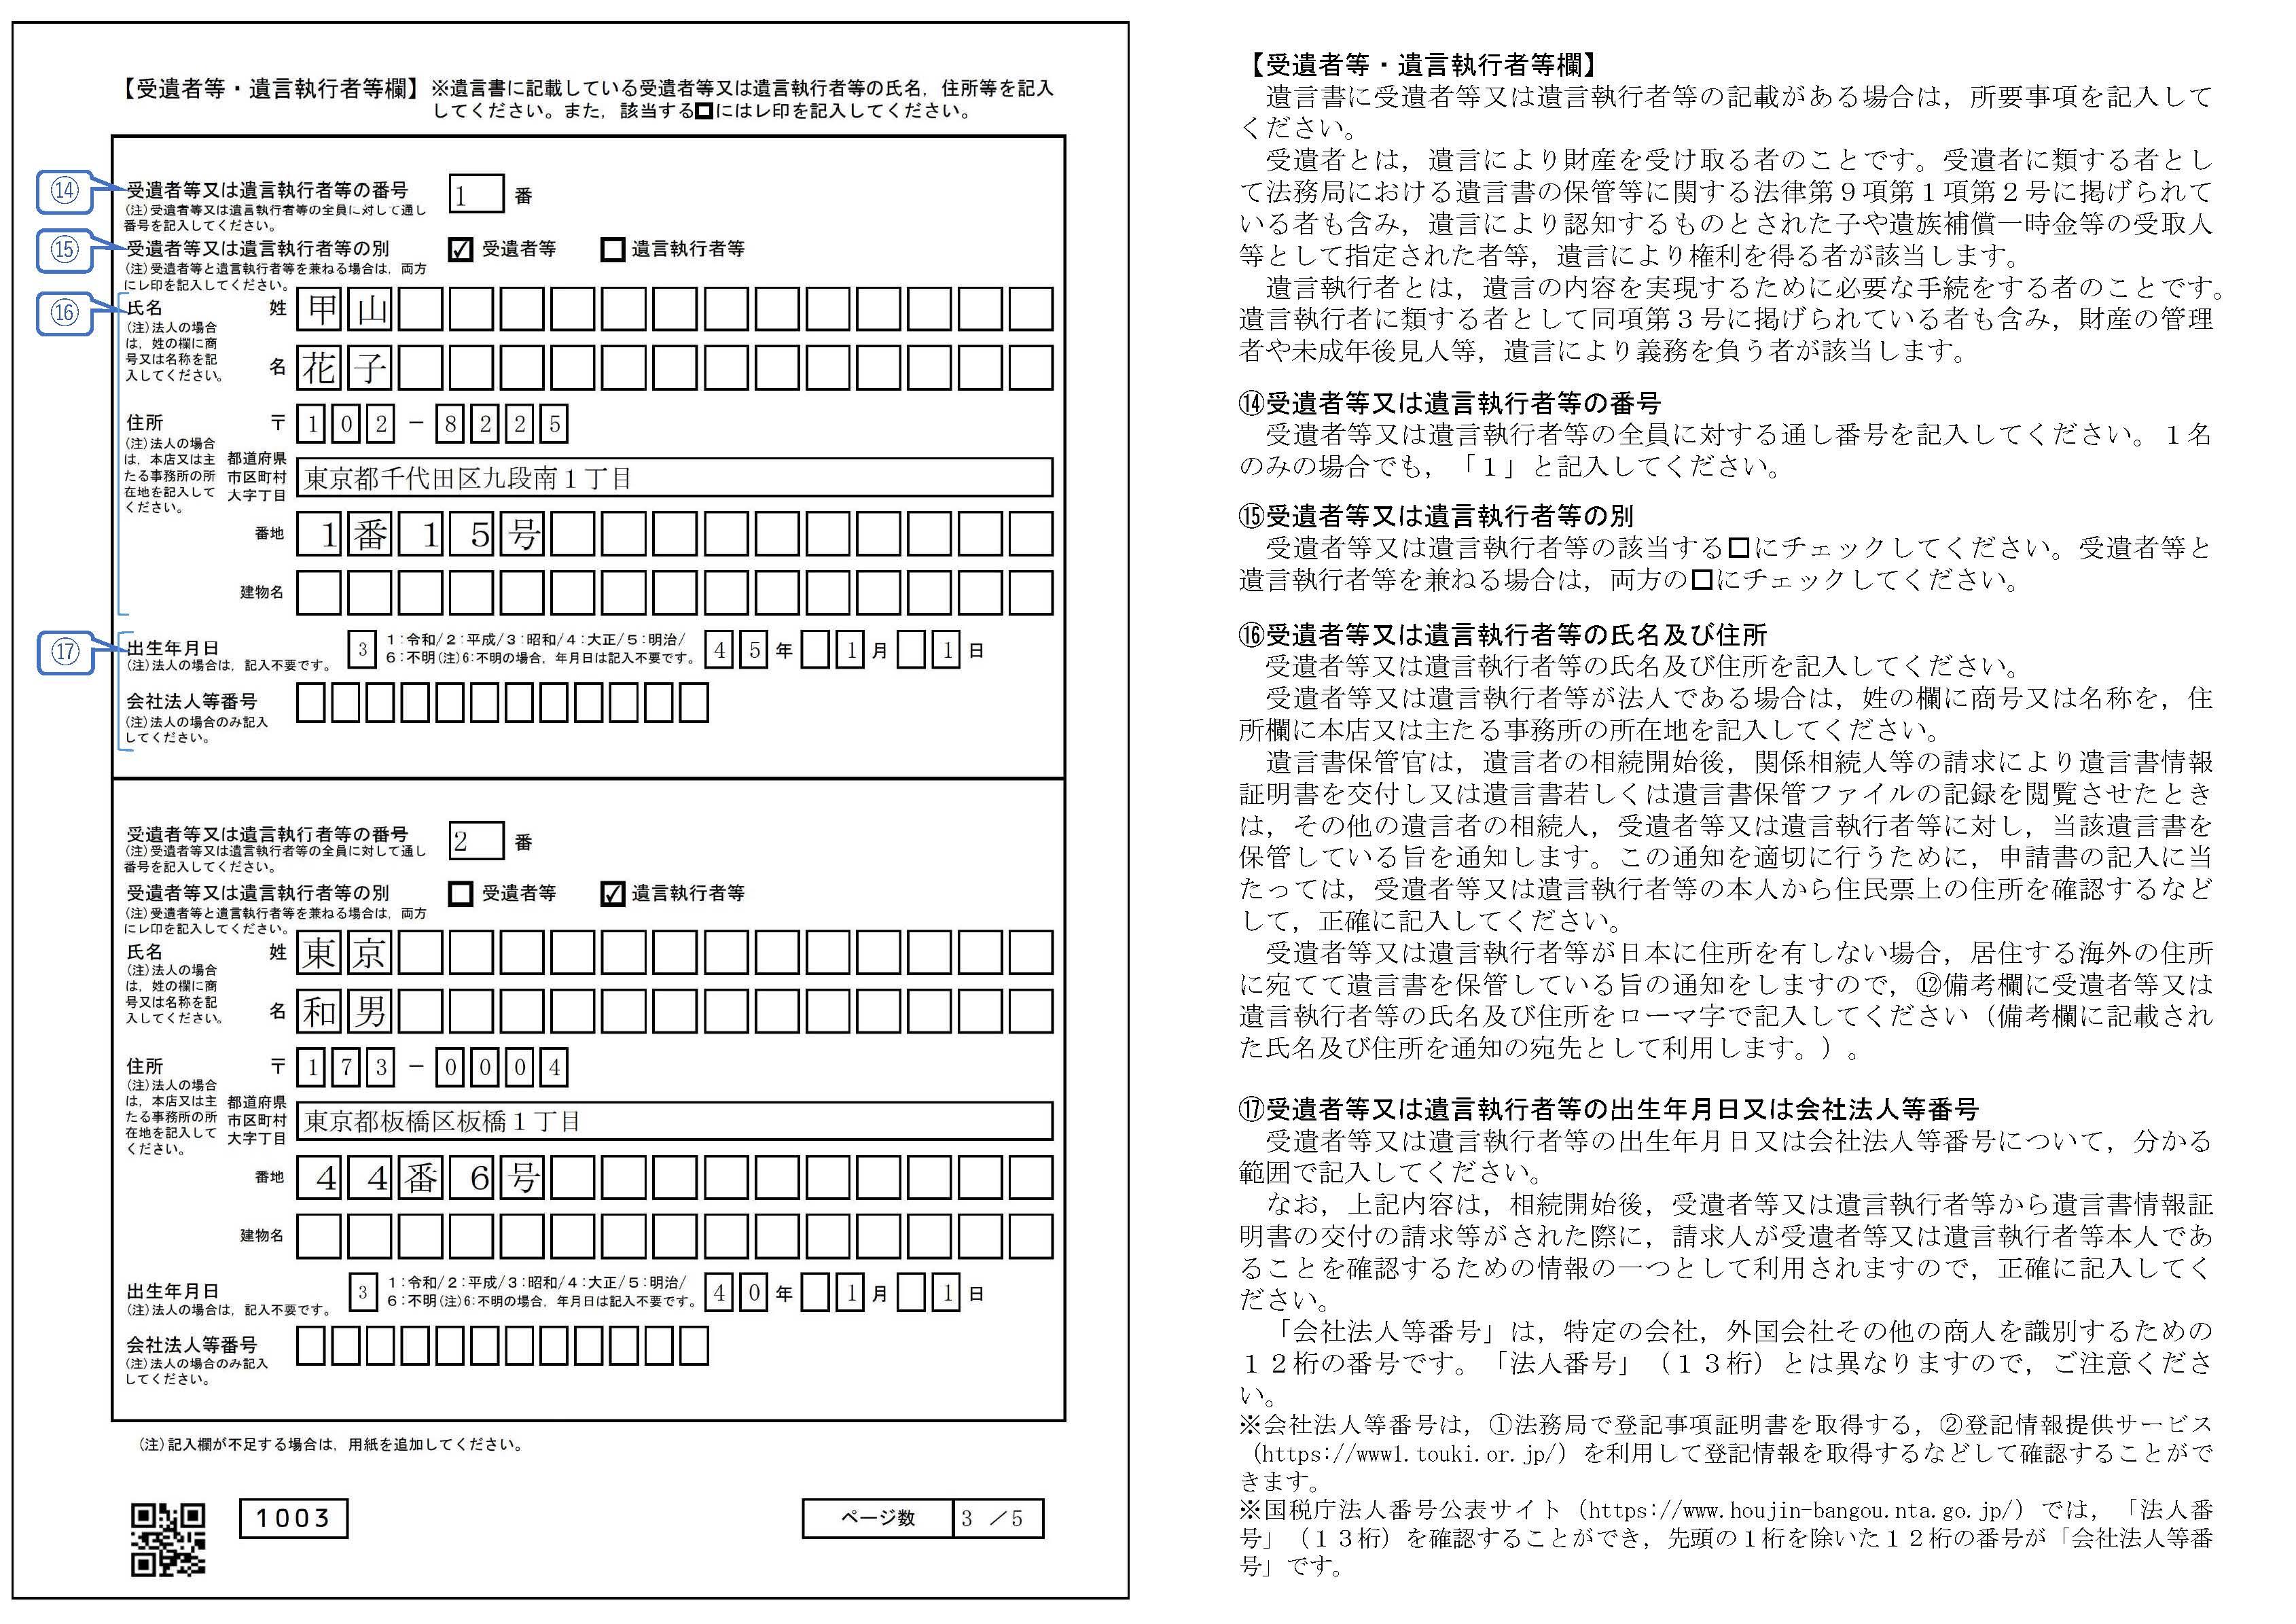 申請書-2-2001321953_ページ_3